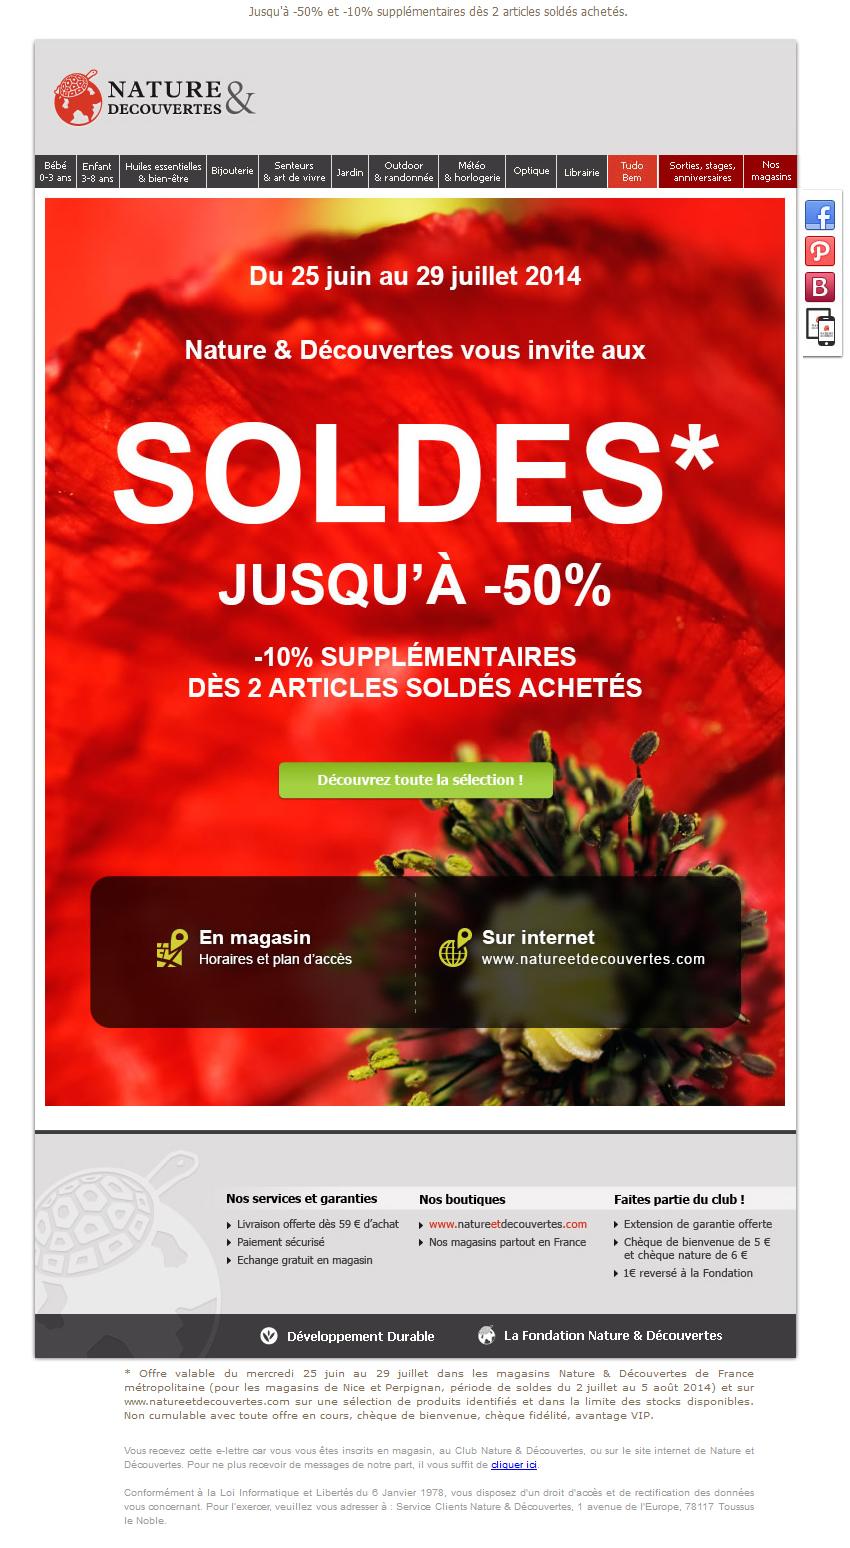 Galerie De Newsletters Nature Et D 233 Couvertes Les Soldes